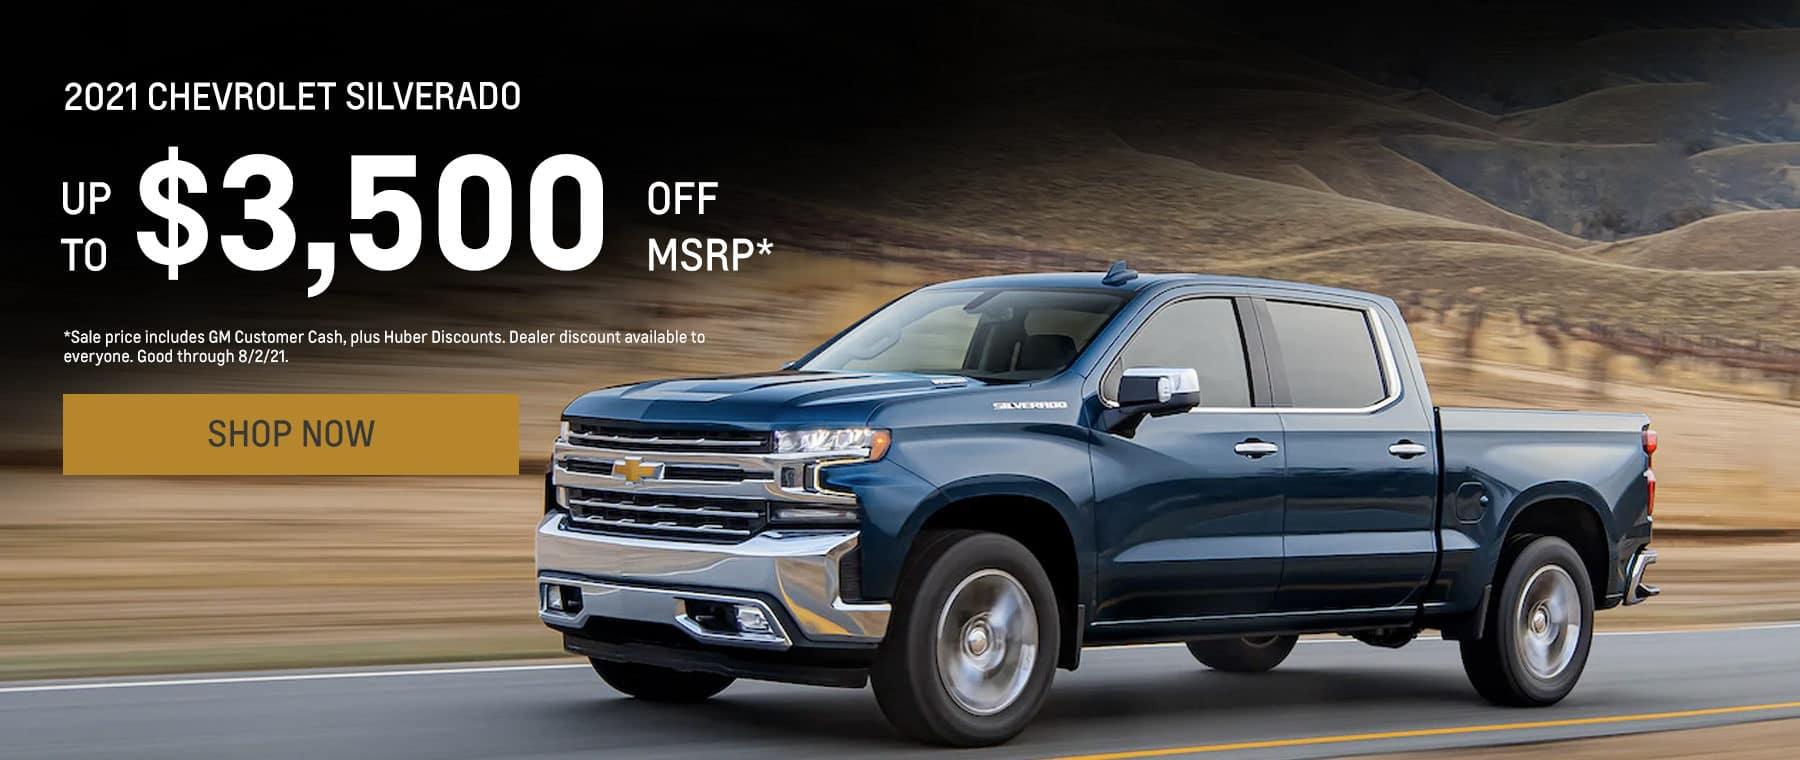 2021 Silverado 1500. Up to $3,500 off MSRP*